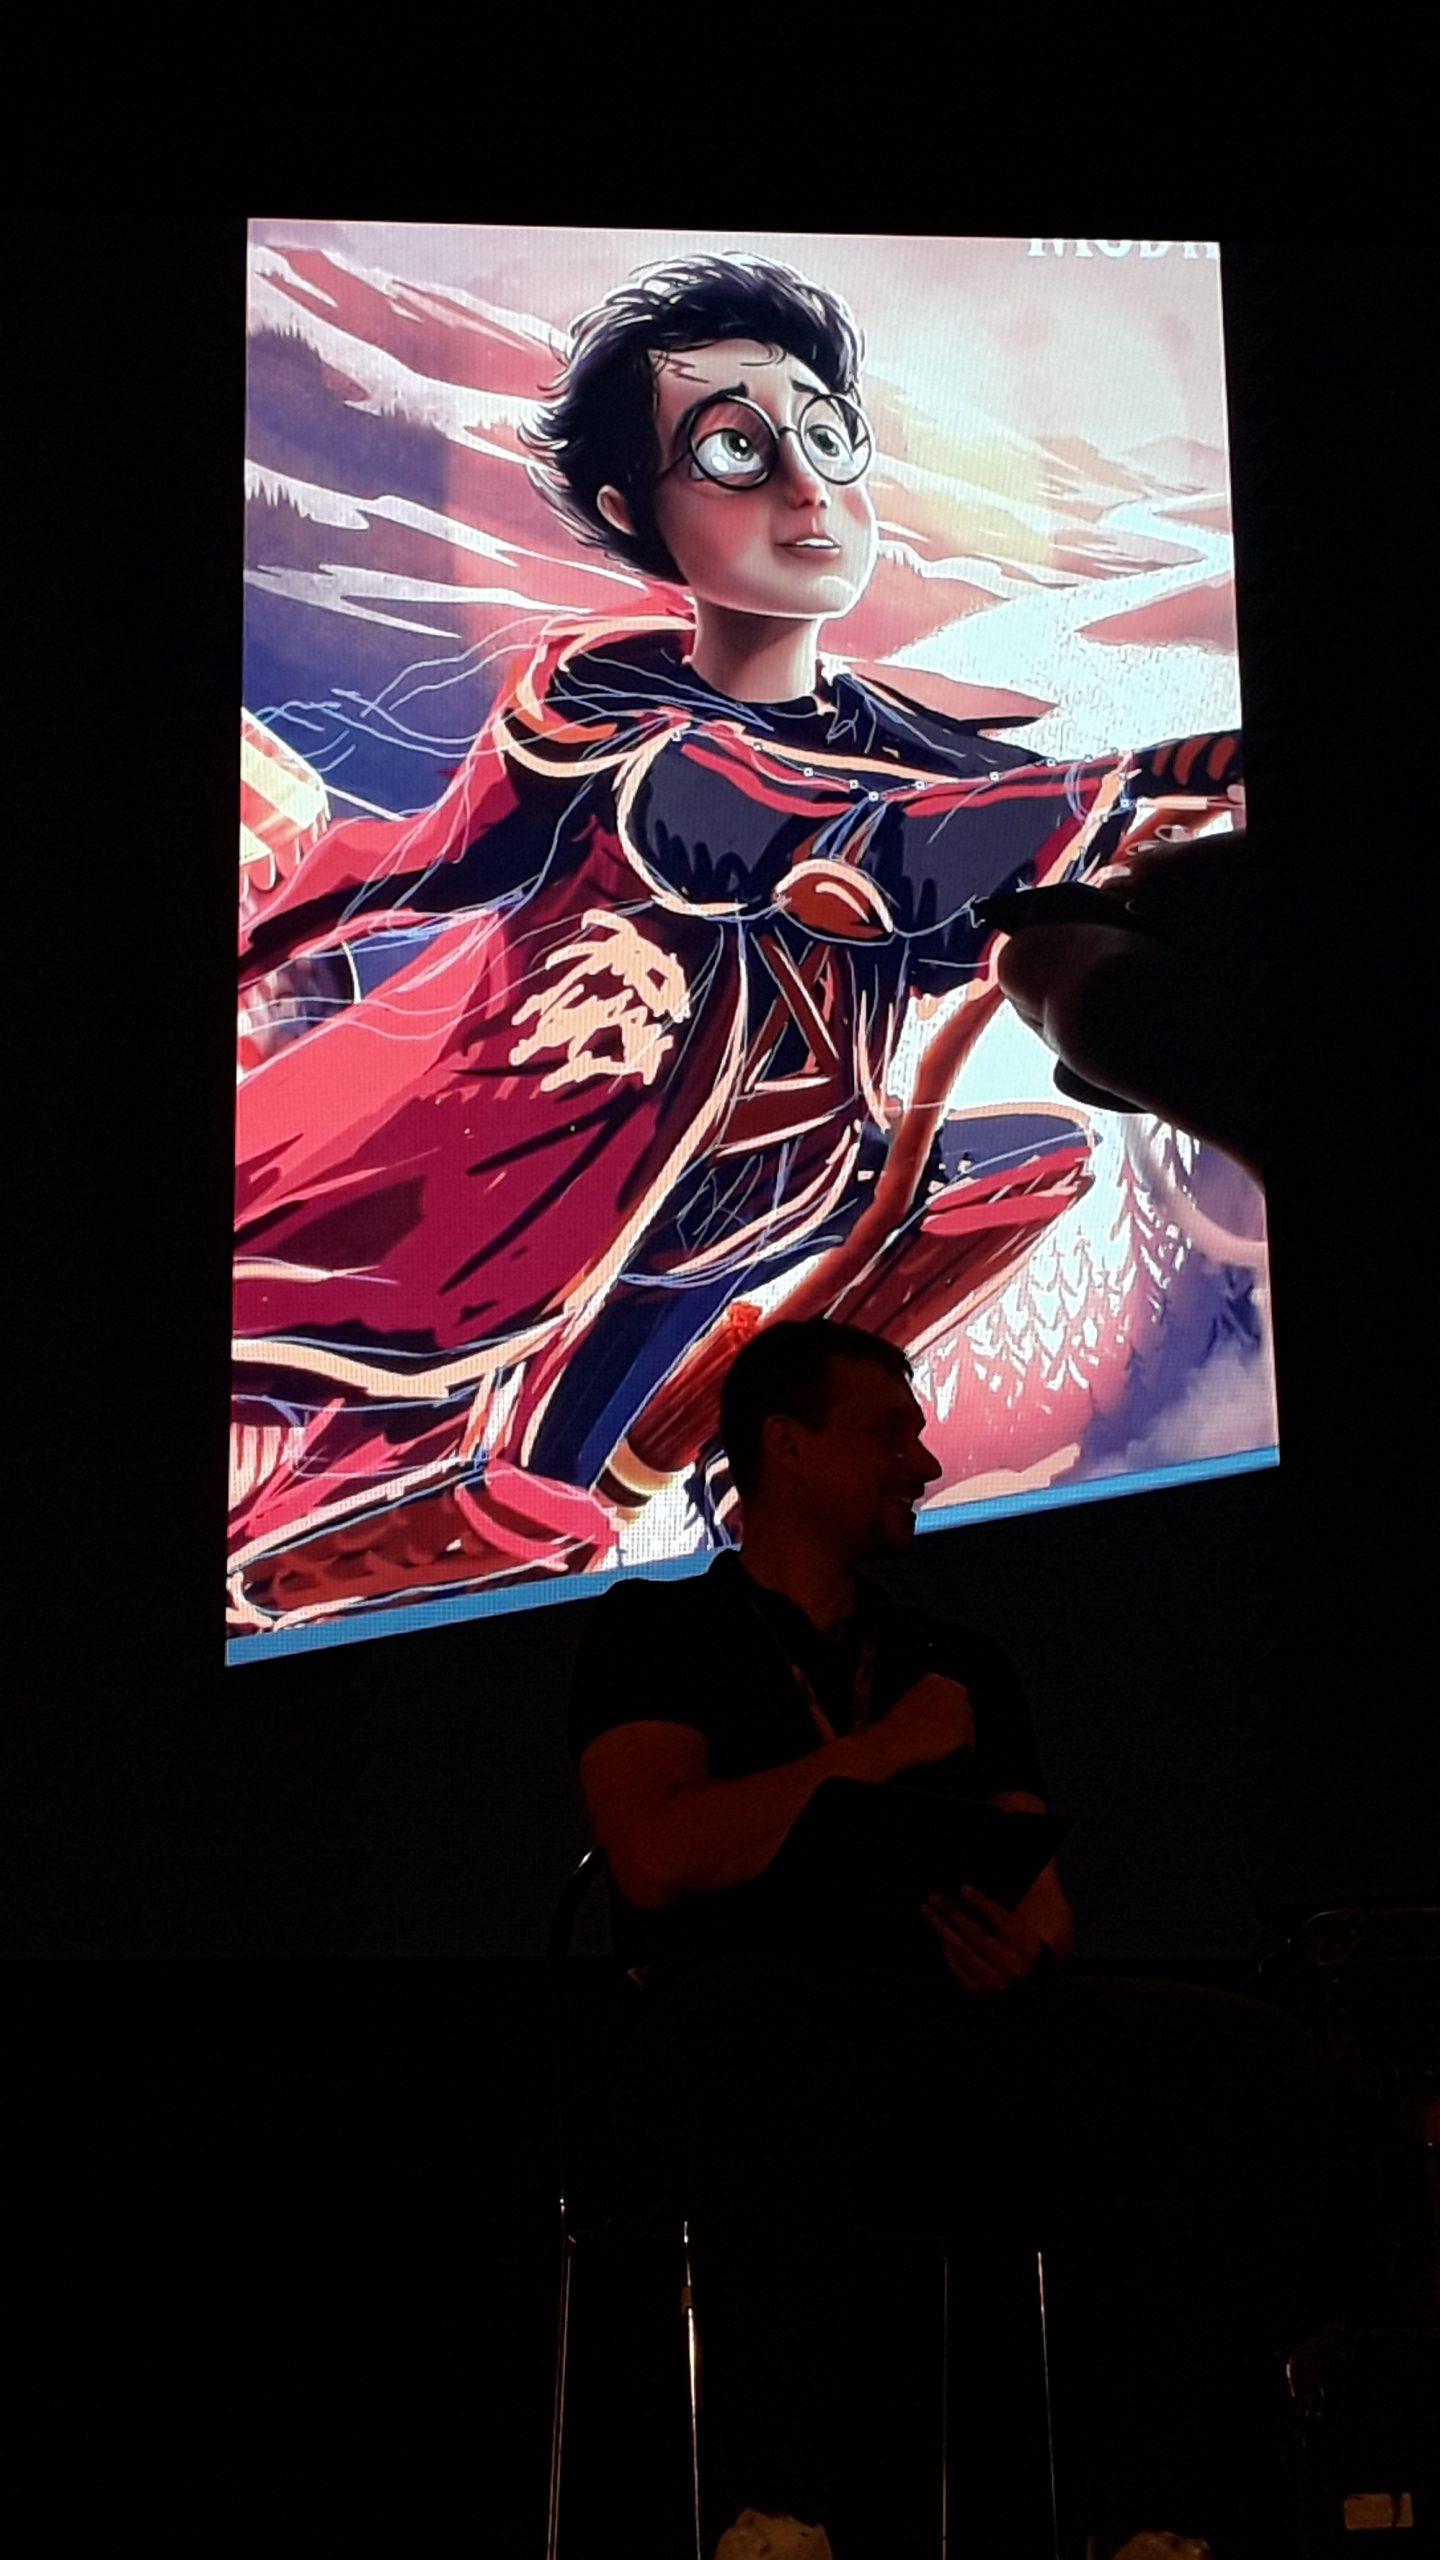 Fotografie z Potterfestu 2021 z besedy s Adrianem Machem, na níž je Thomas s mikrofonem a na obrazovce za ním vidíme Machovu kresbu Harryho letícího na koštěti.